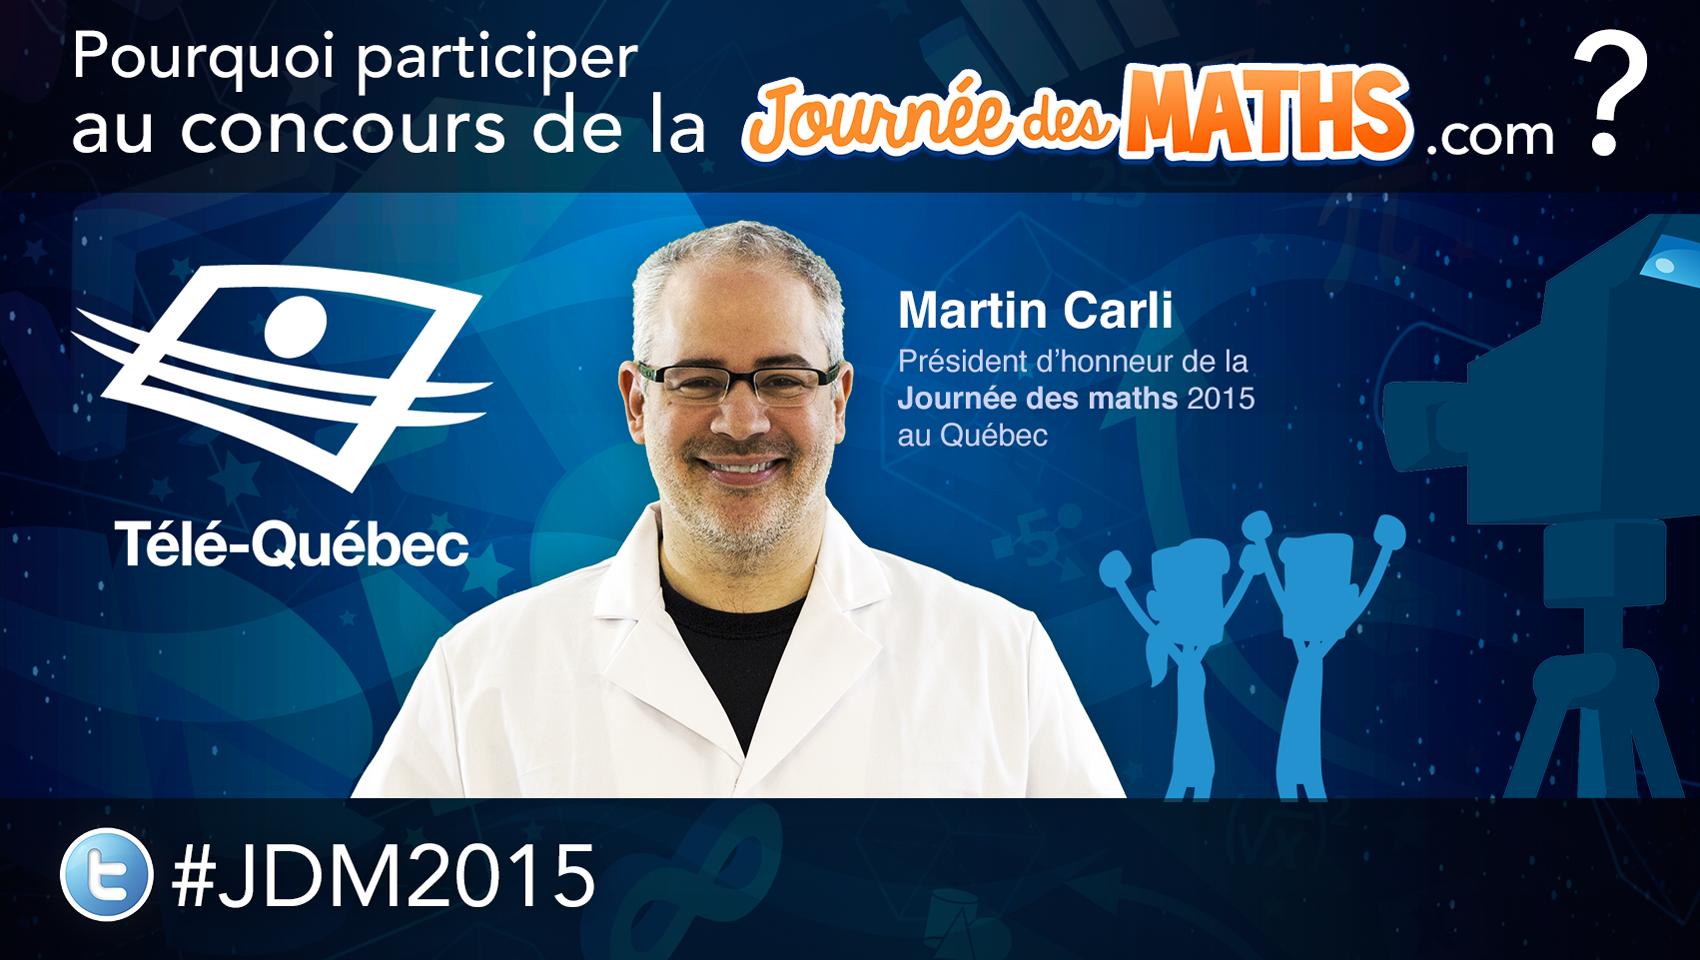 Raison 12 - Martin Carli